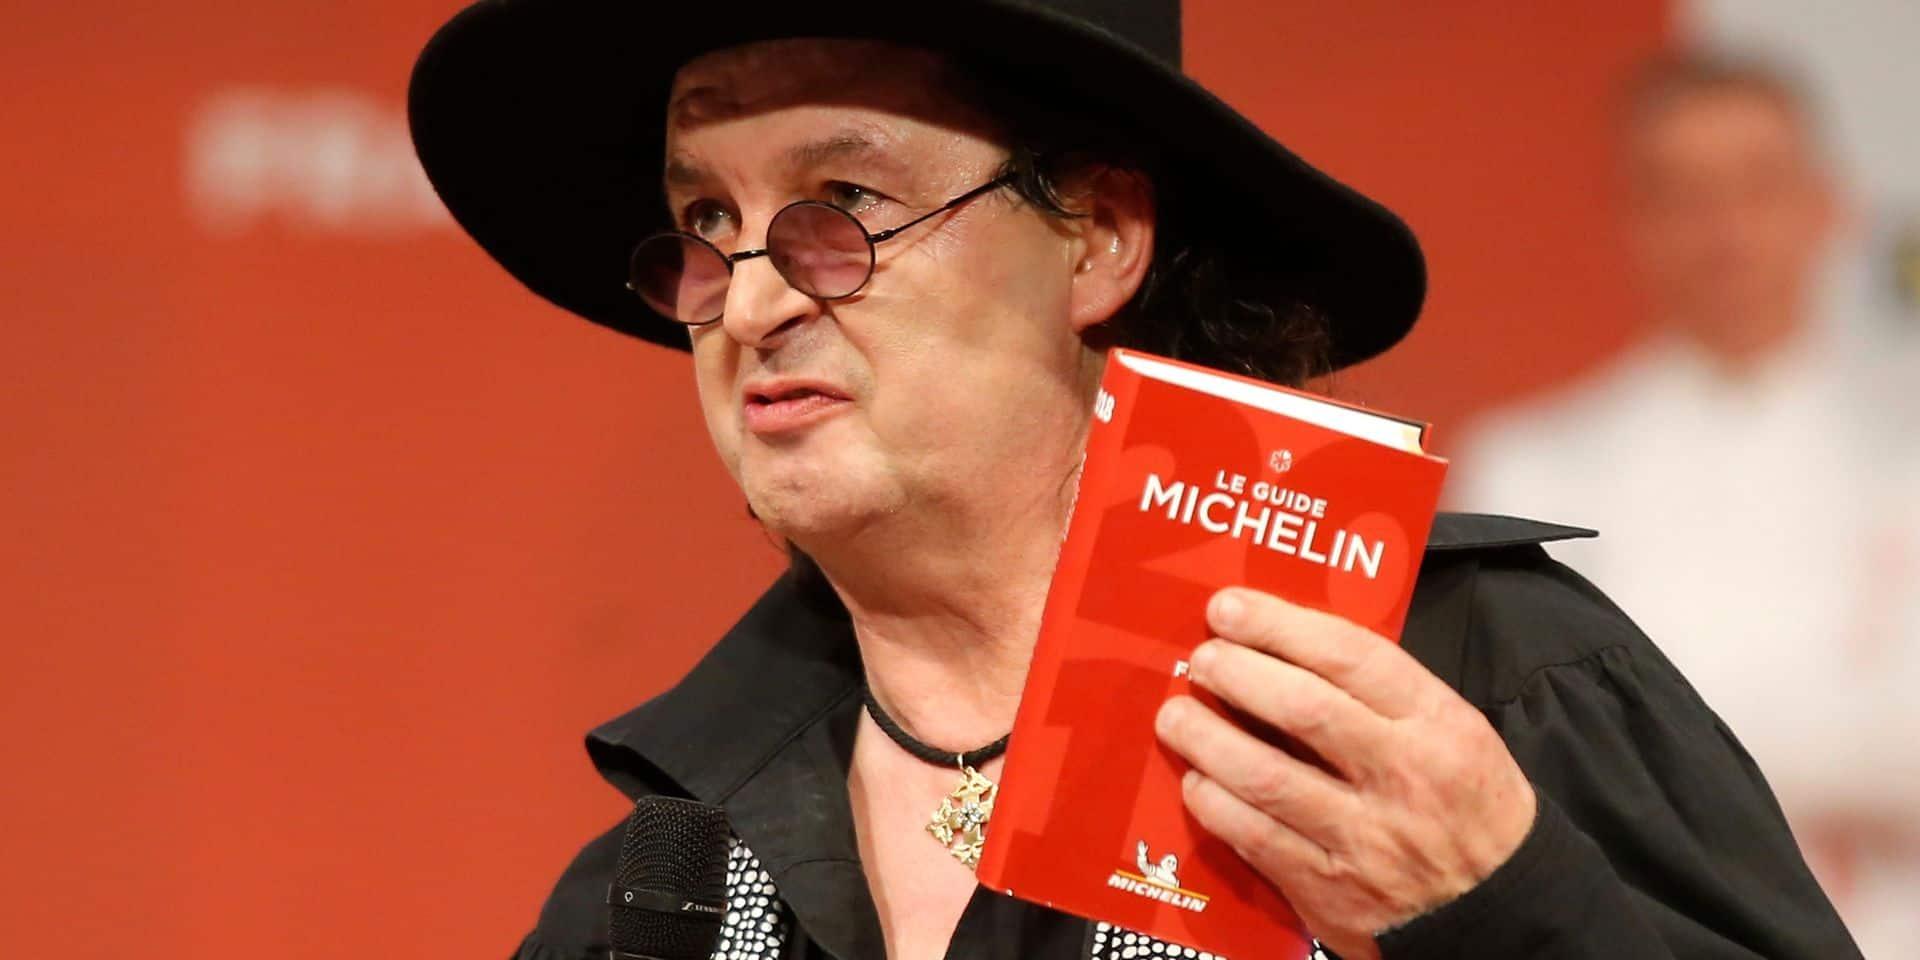 La présentation du guide Michelin pour la Belgique et le Luxembourg aura lieu au Théâtre Royal de Mons